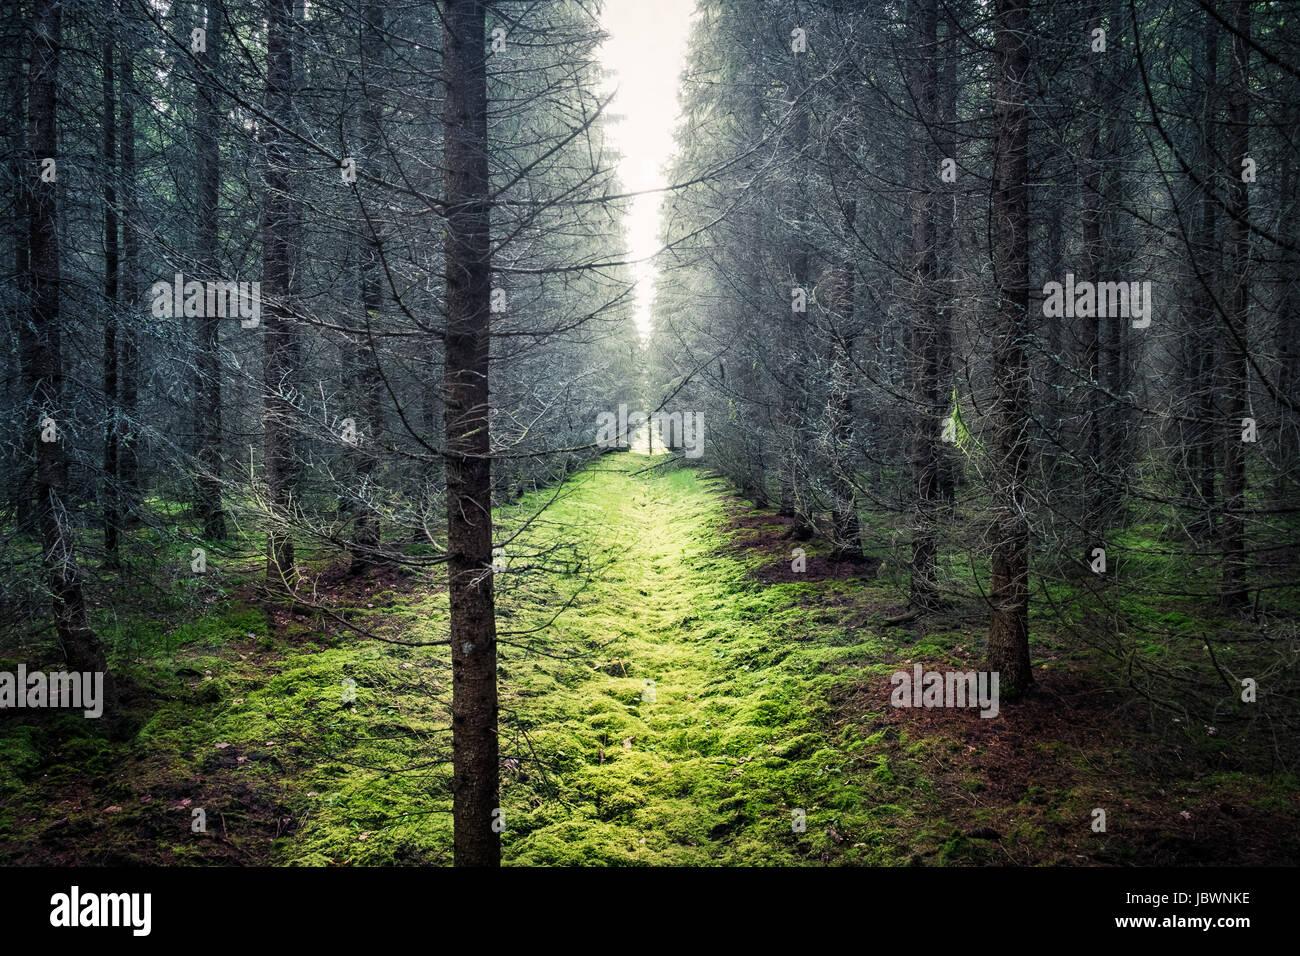 Paysage pittoresque avec une lumière vive et de forêt sèche Photo Stock